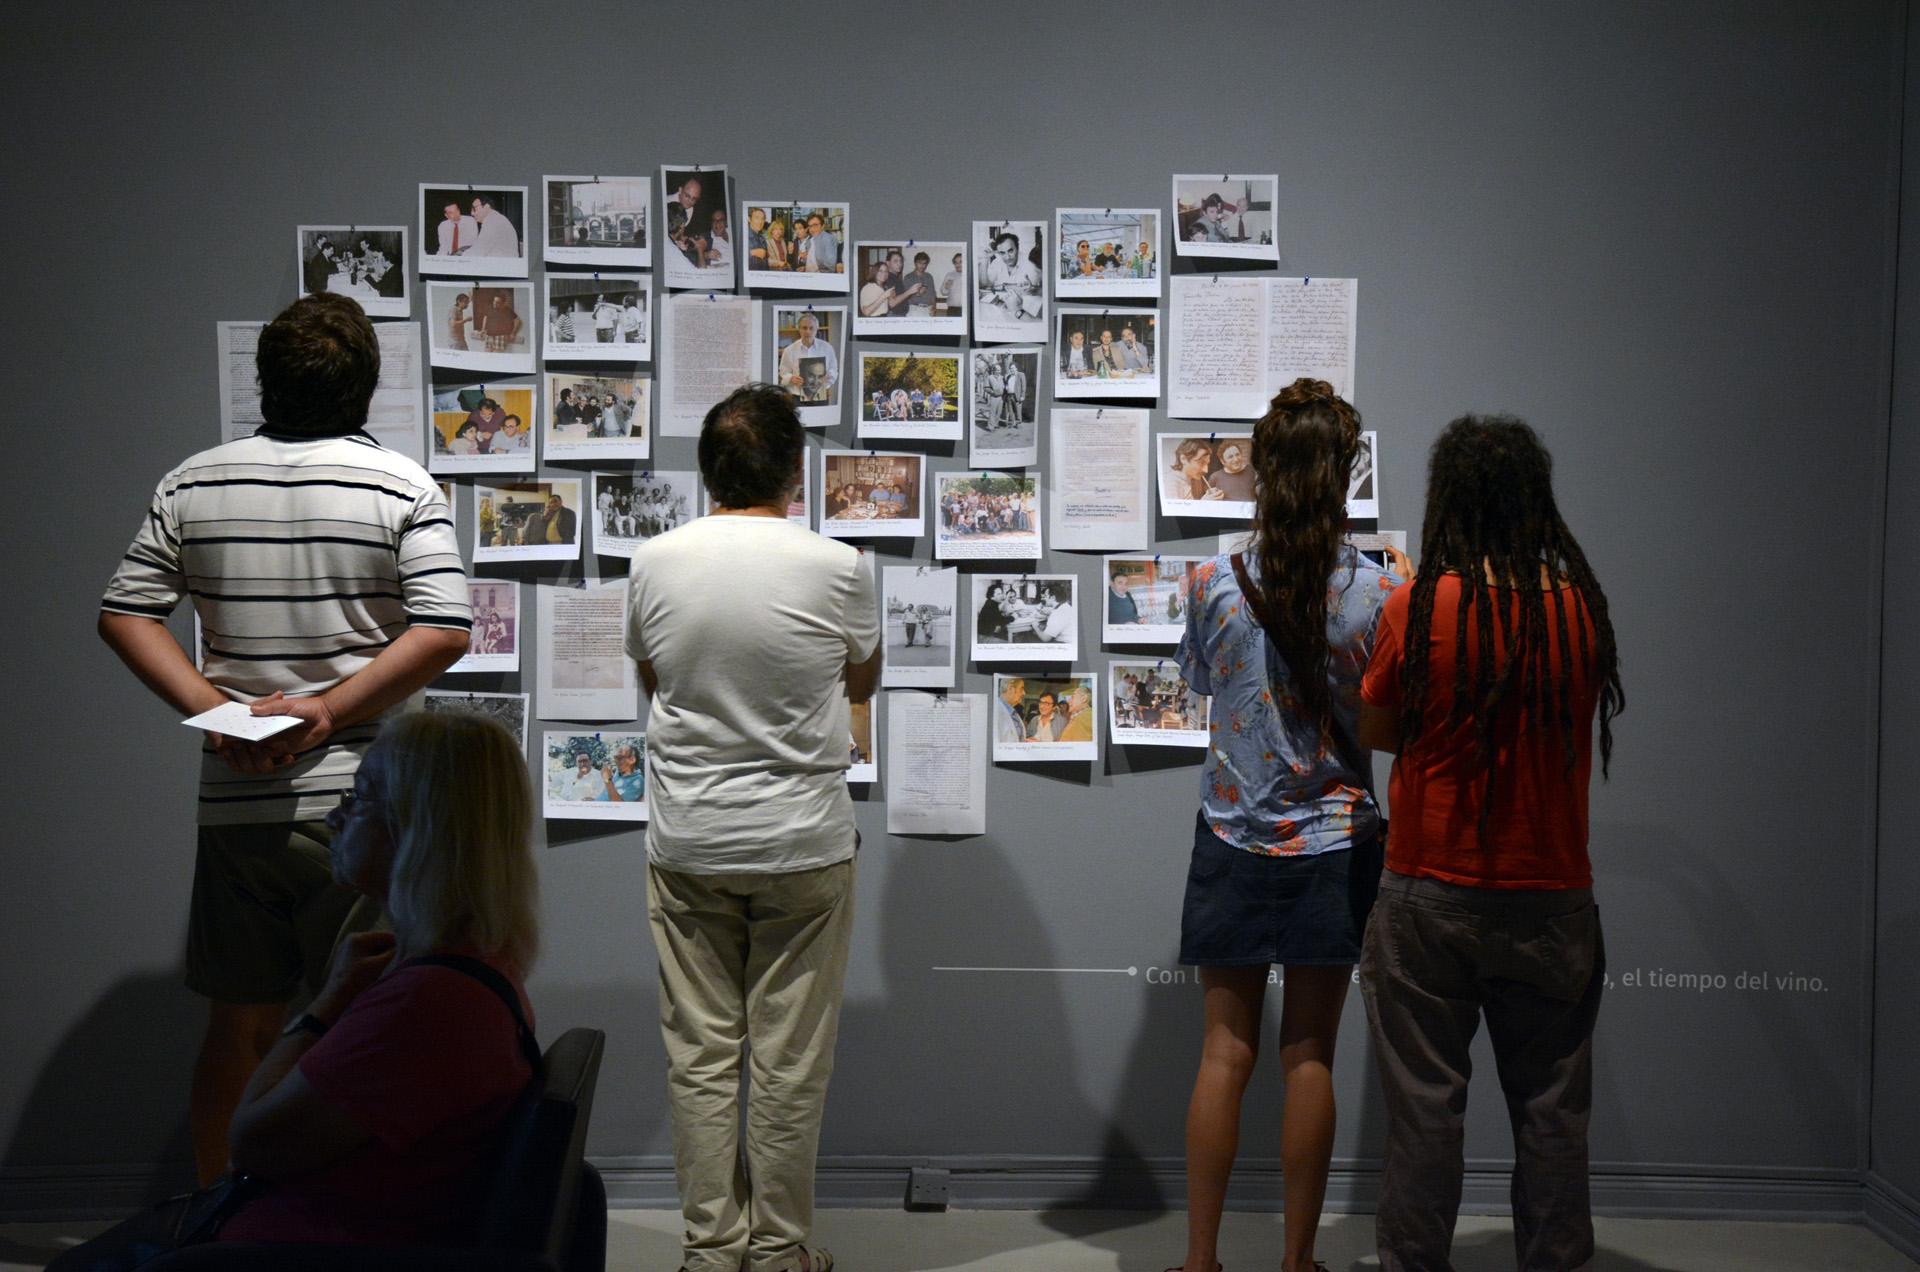 Esta exposición conecta la obra y la figura de Saer con su contexto social